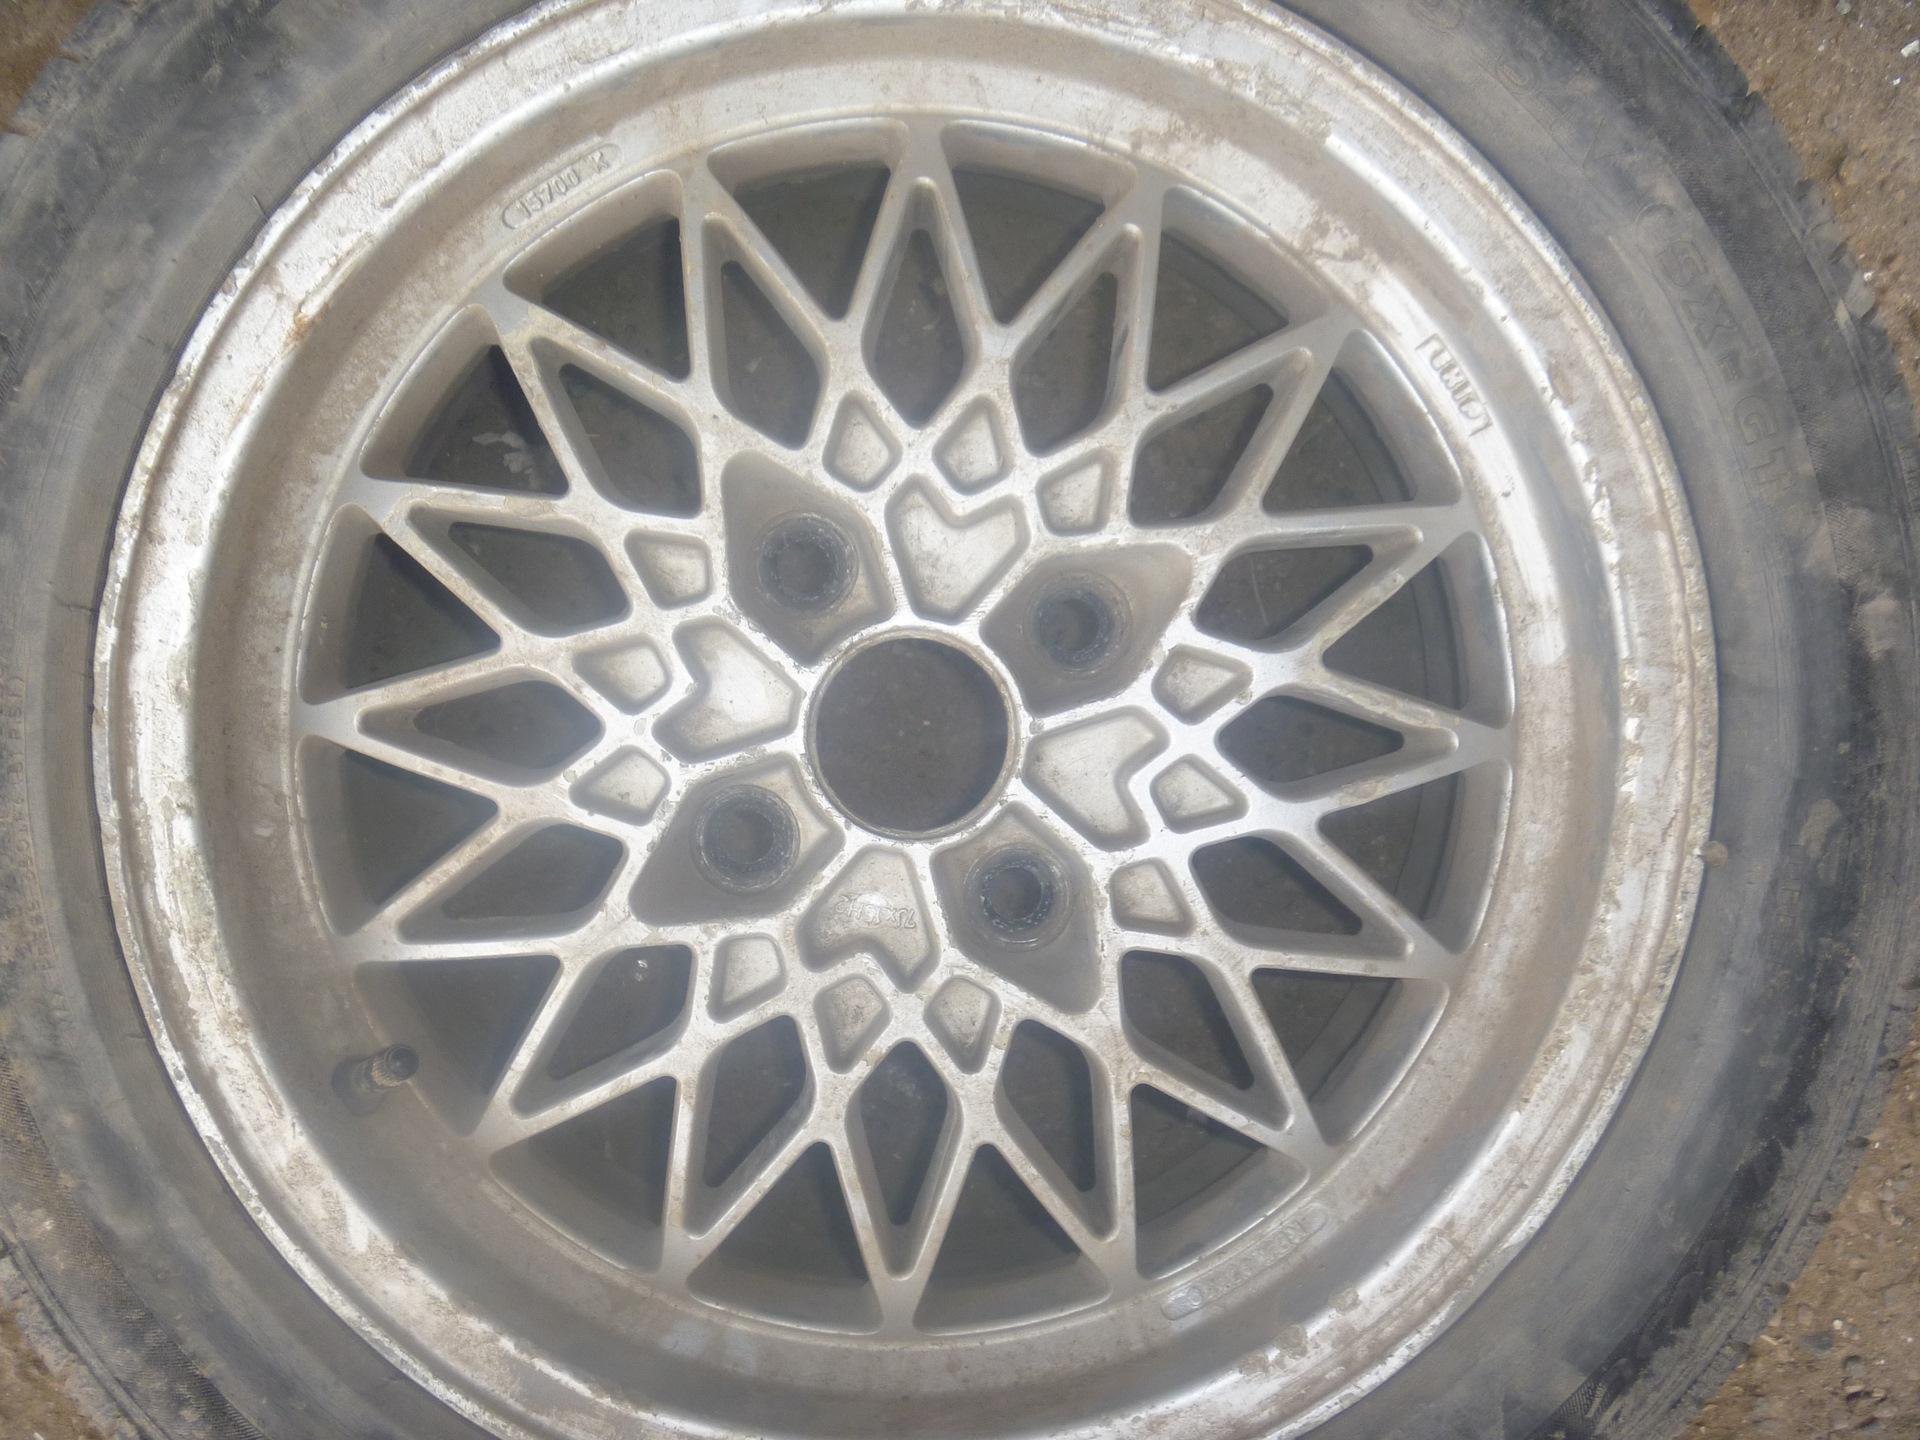 маркировка колесного диска 15x7jj mazda